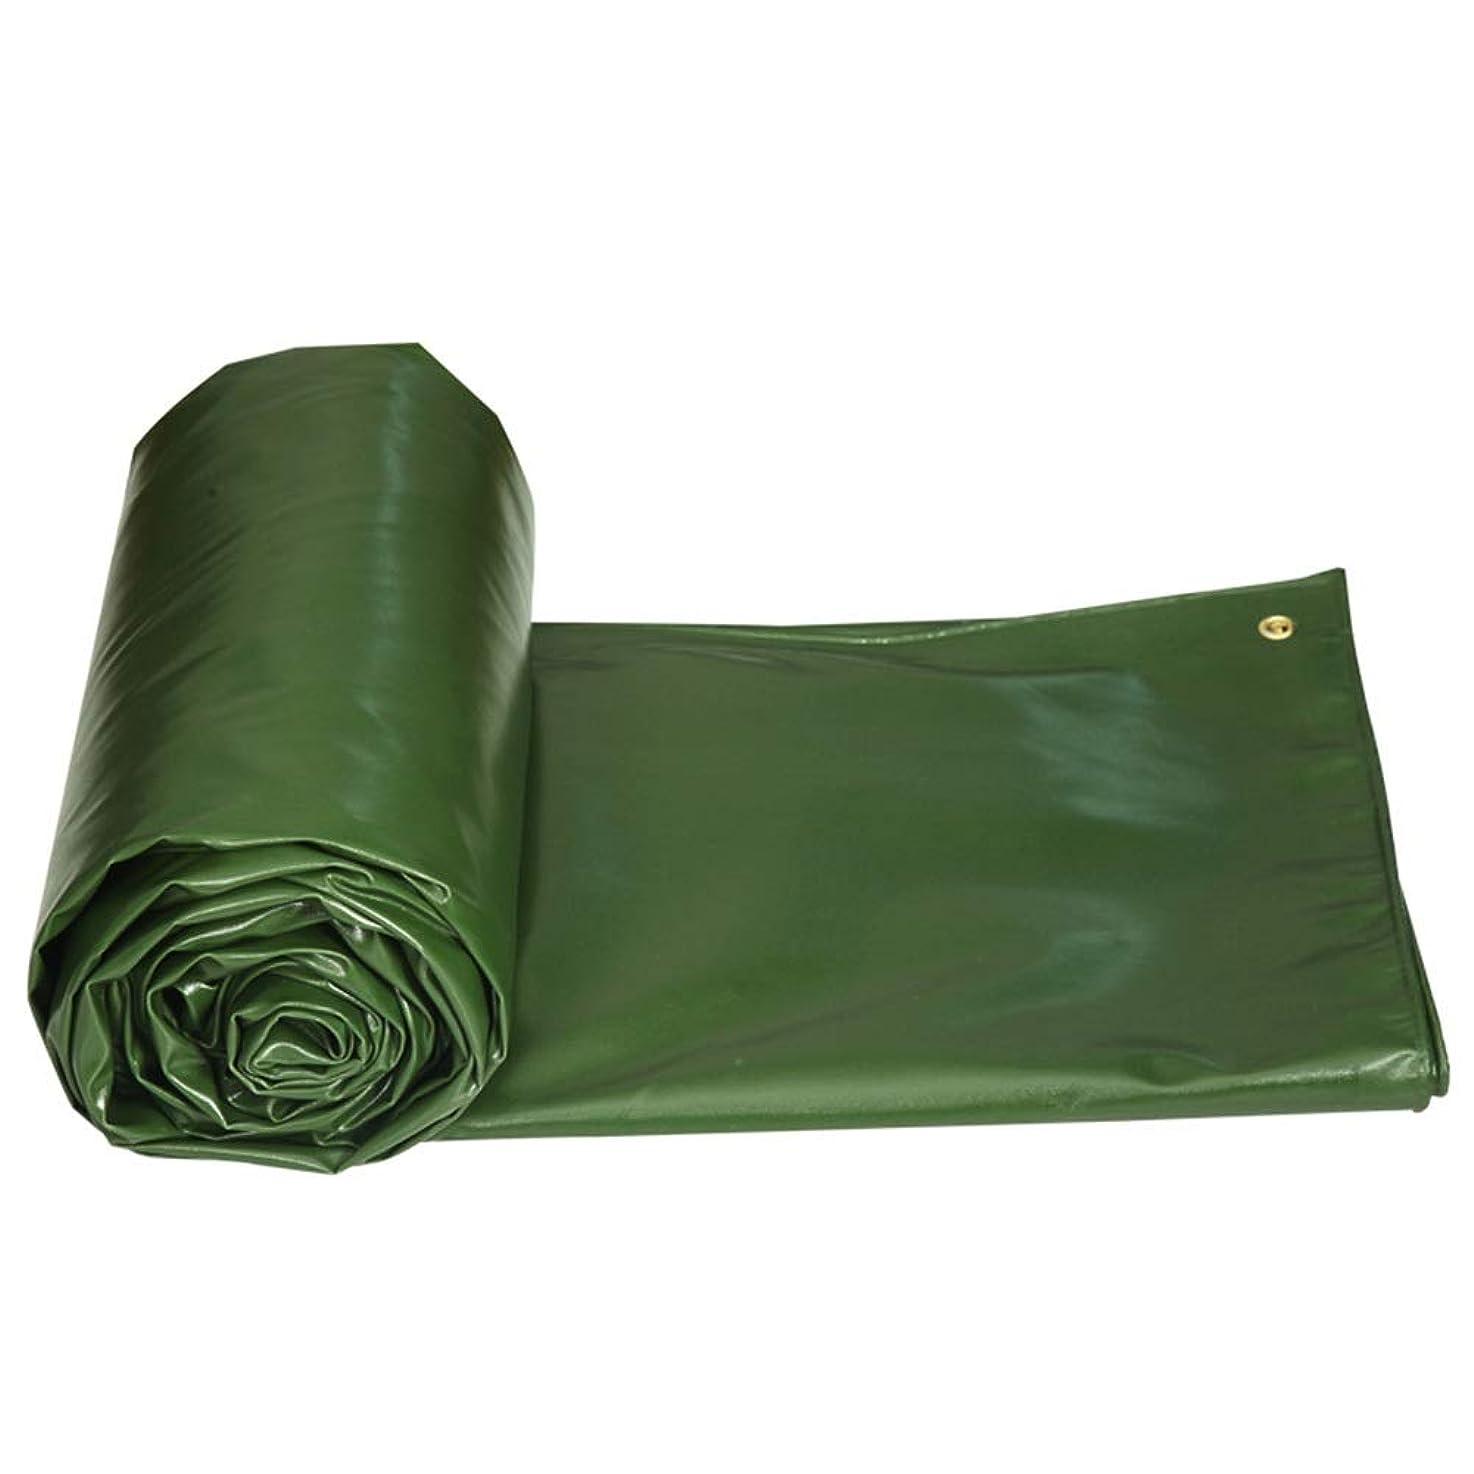 ルーキー佐賀ばかげたFQJYNLY ターポリンタープ防水シートPVC酸化防止防雨布屋外のバルコニー、サイズカスタマイズ (Color : Green, Size : 2.85×2.85m)